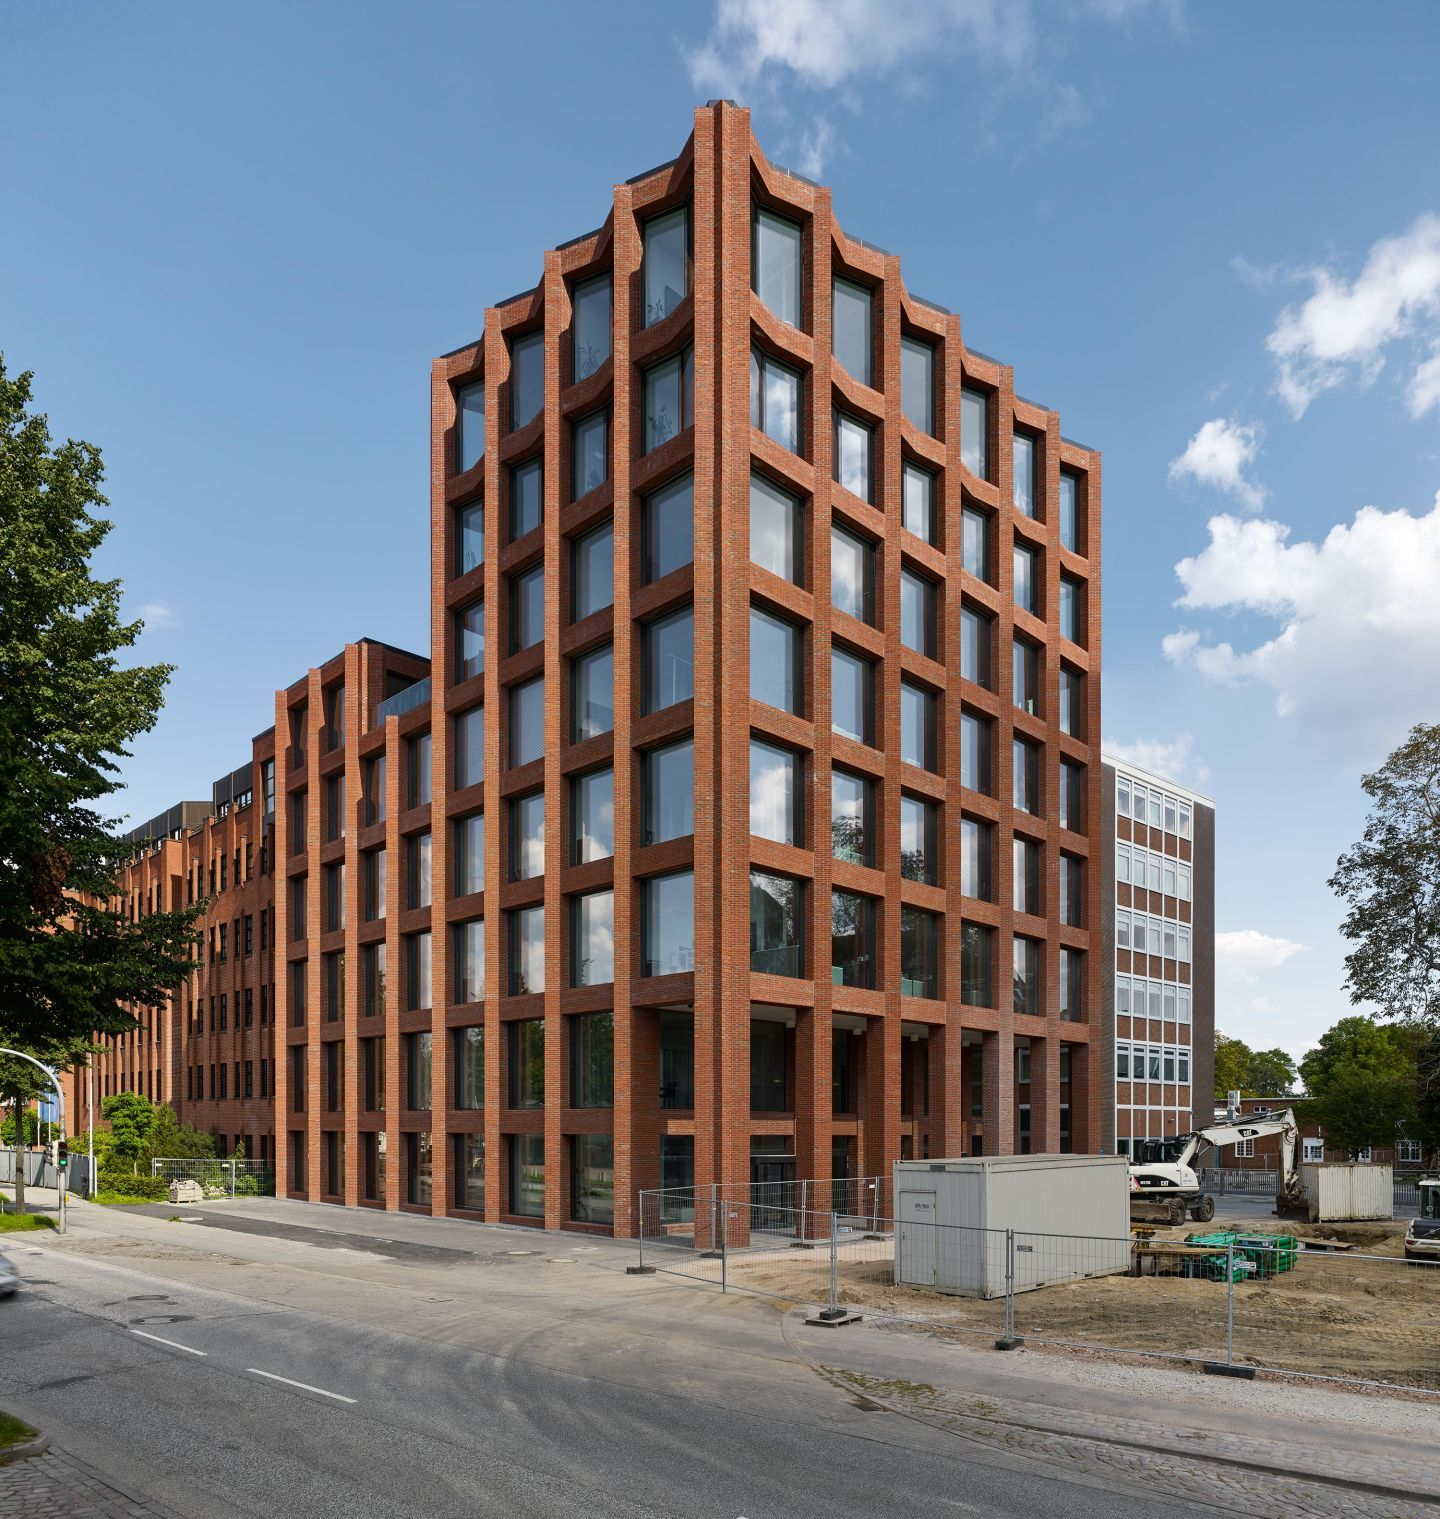 Architekt Lübeck drägerwerk house 72 lubeck germay by max dudler architekt photo